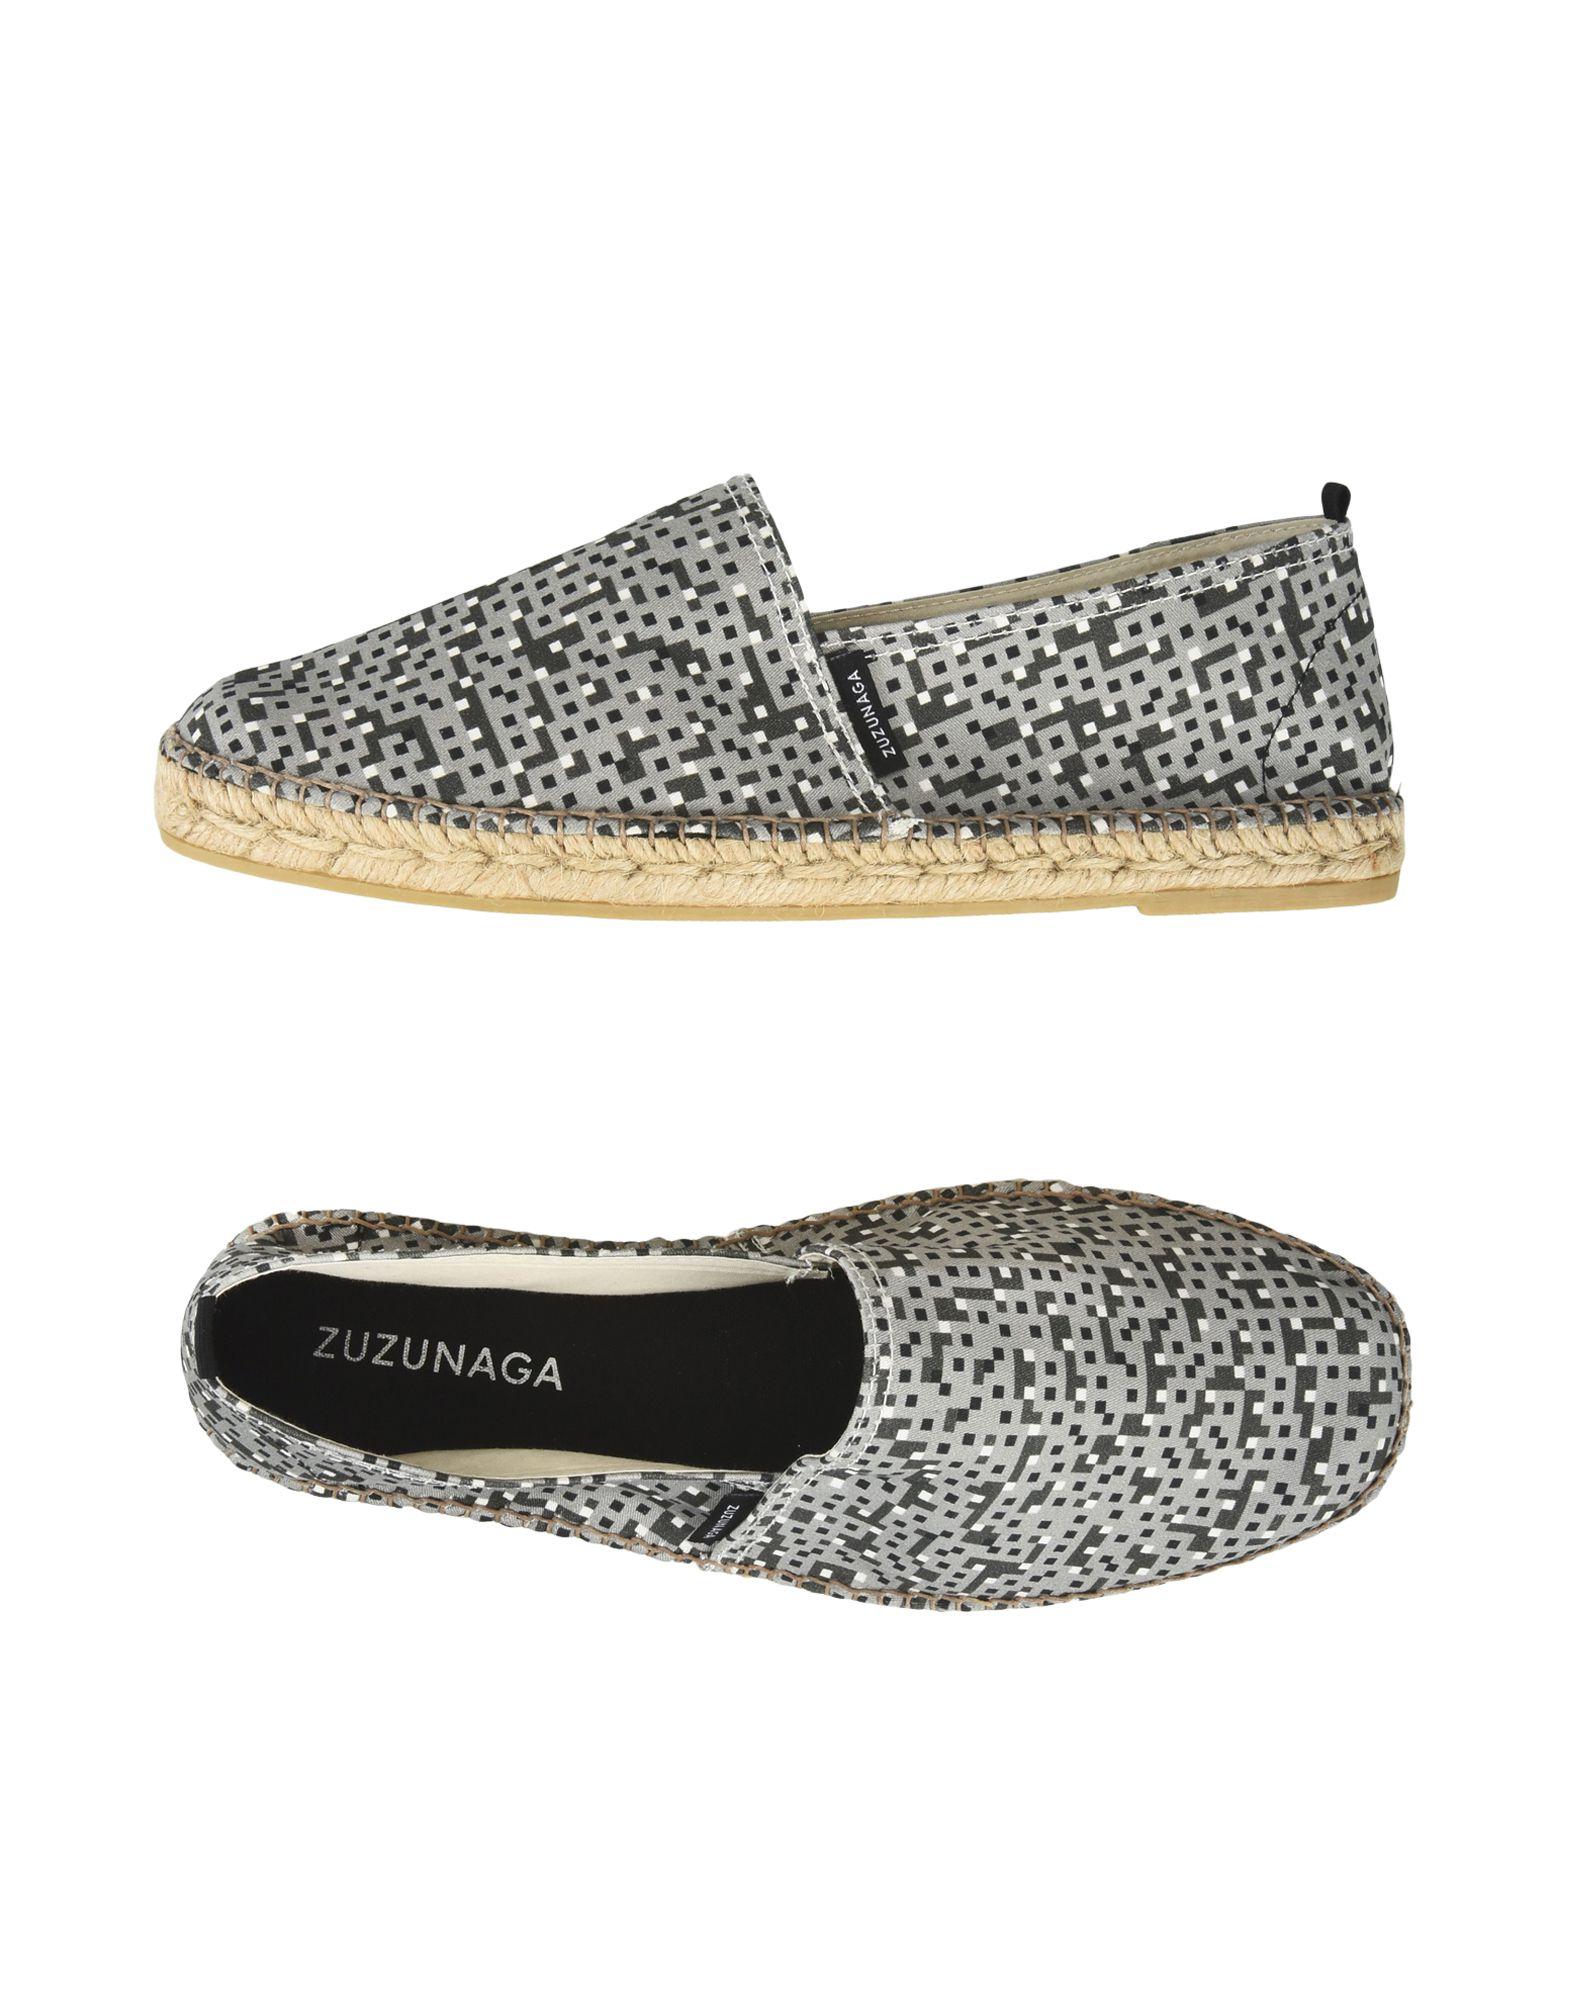 Rabatt echte Schuhe Zuzunaga Espadrilles Herren  11279325OV